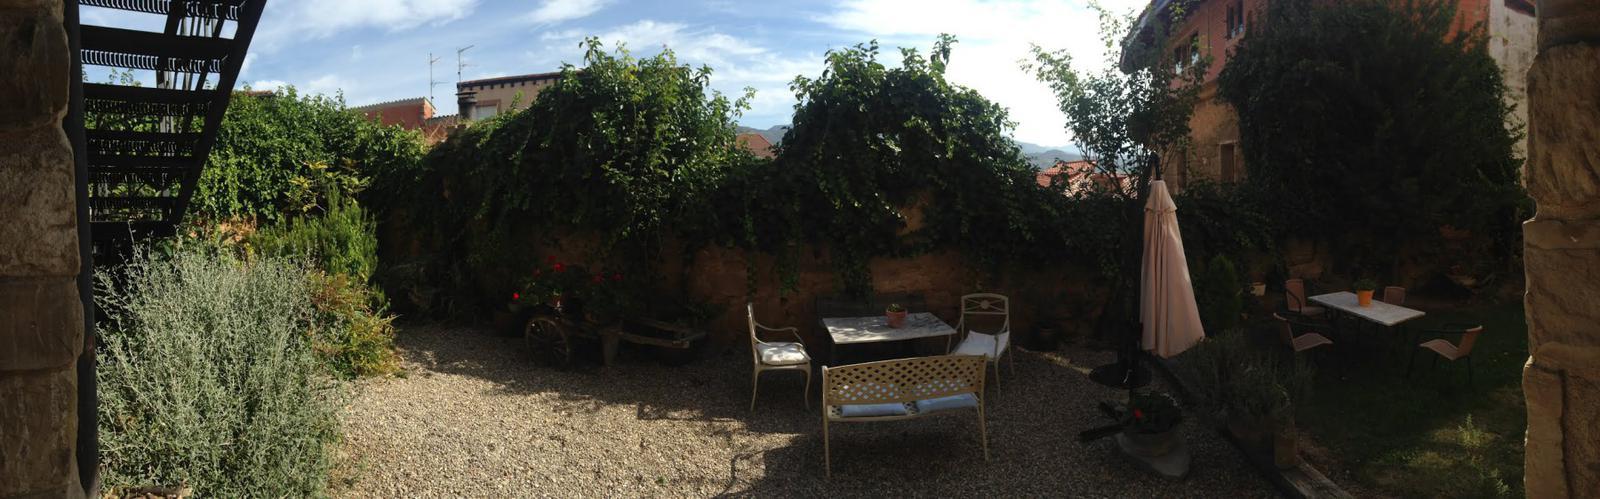 El maravilloso patio interior del hotel, el sitio perfecto para descansar